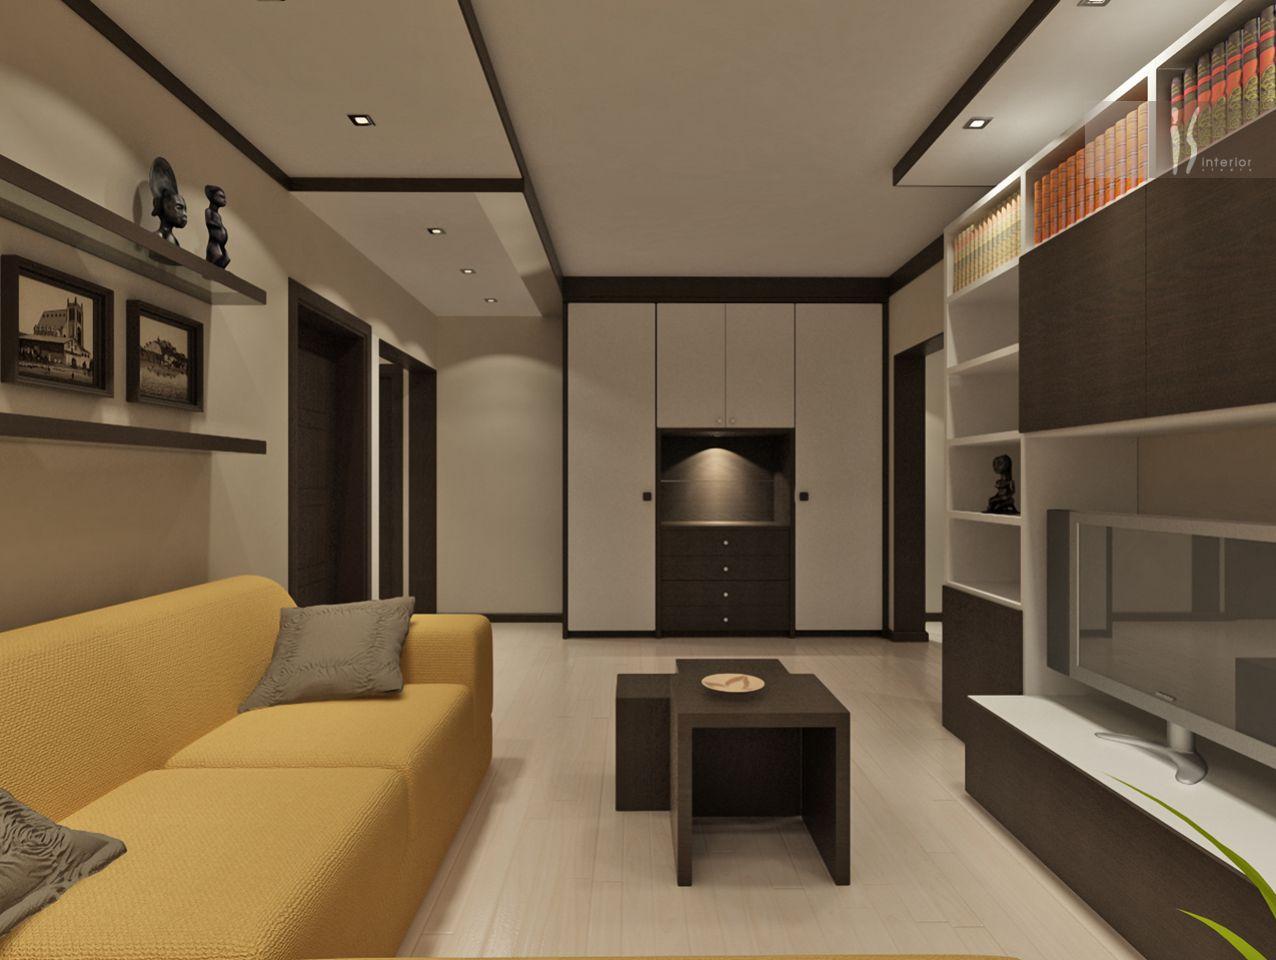 Доходные дома как необходимое дополнение к ипотеке в решении жилищных проблем в России